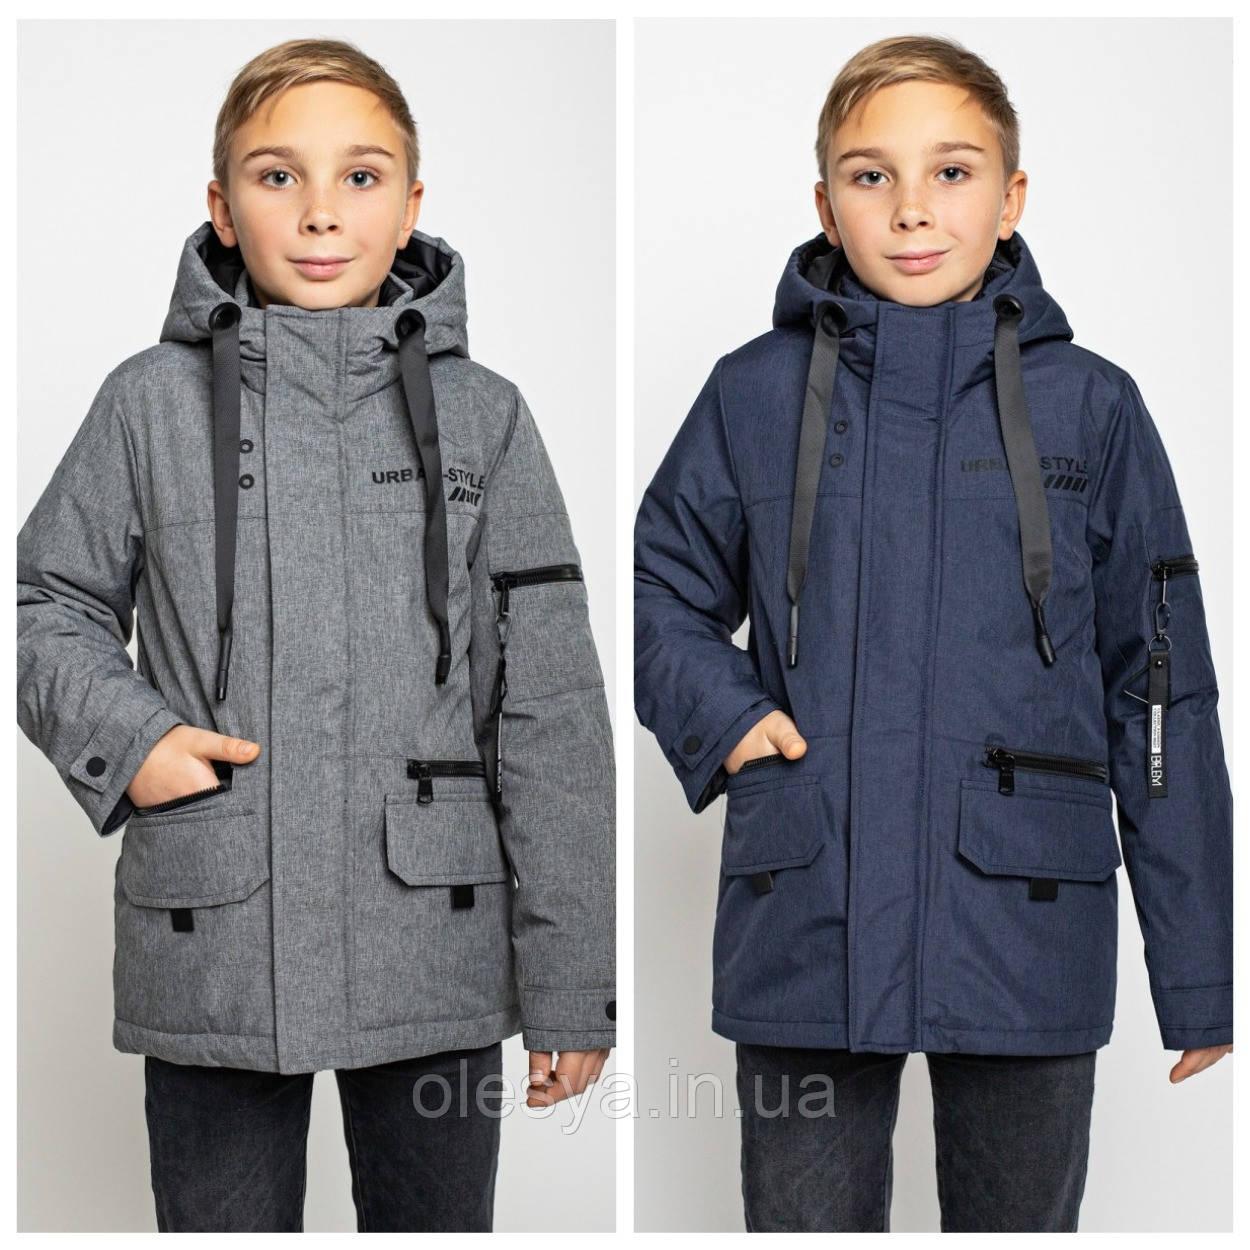 Демисезонная куртка парка на мальчика Алекс Размеры 122 - 164 Новинки весны 2020